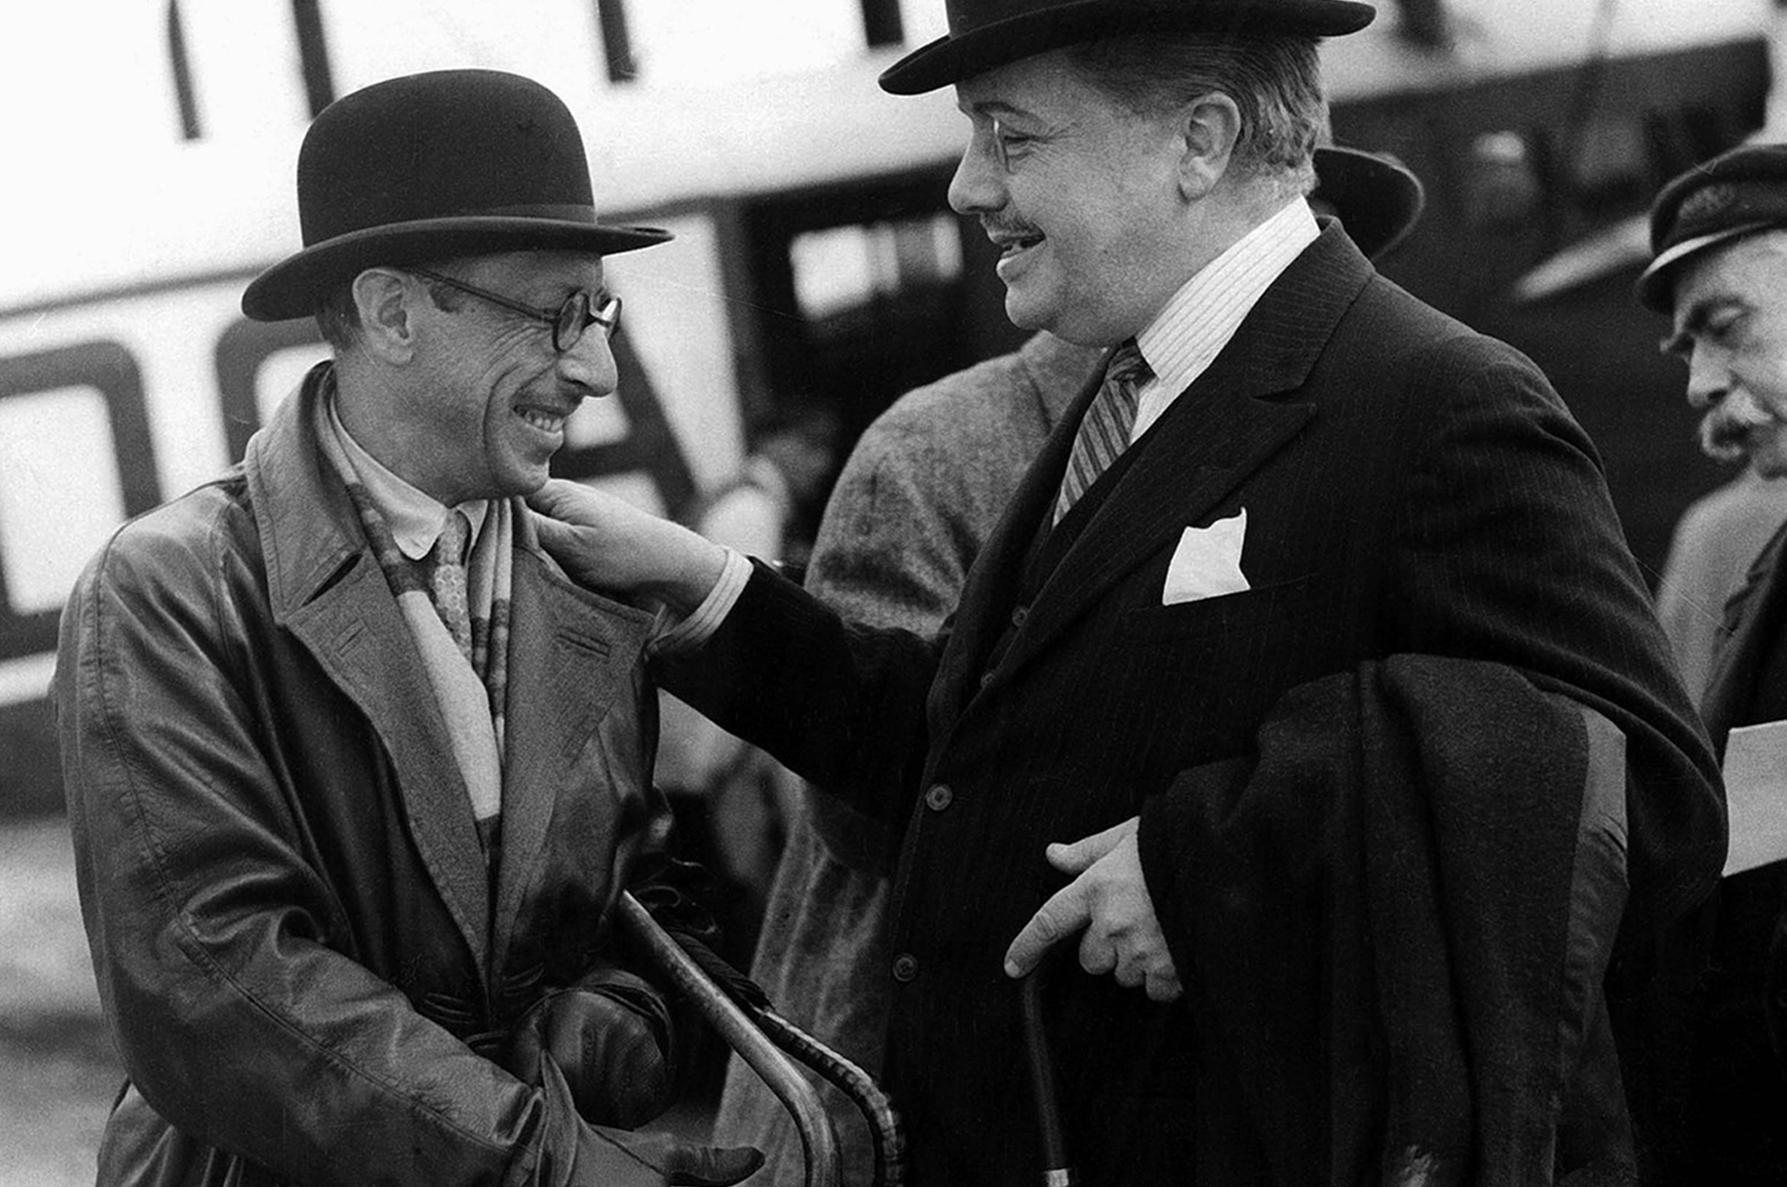 Стравинский и Дягилев в аэропорту Лондона, 1926. В Театре Лицеум английская публика увидела новую сценографию «Жар-Птицы».